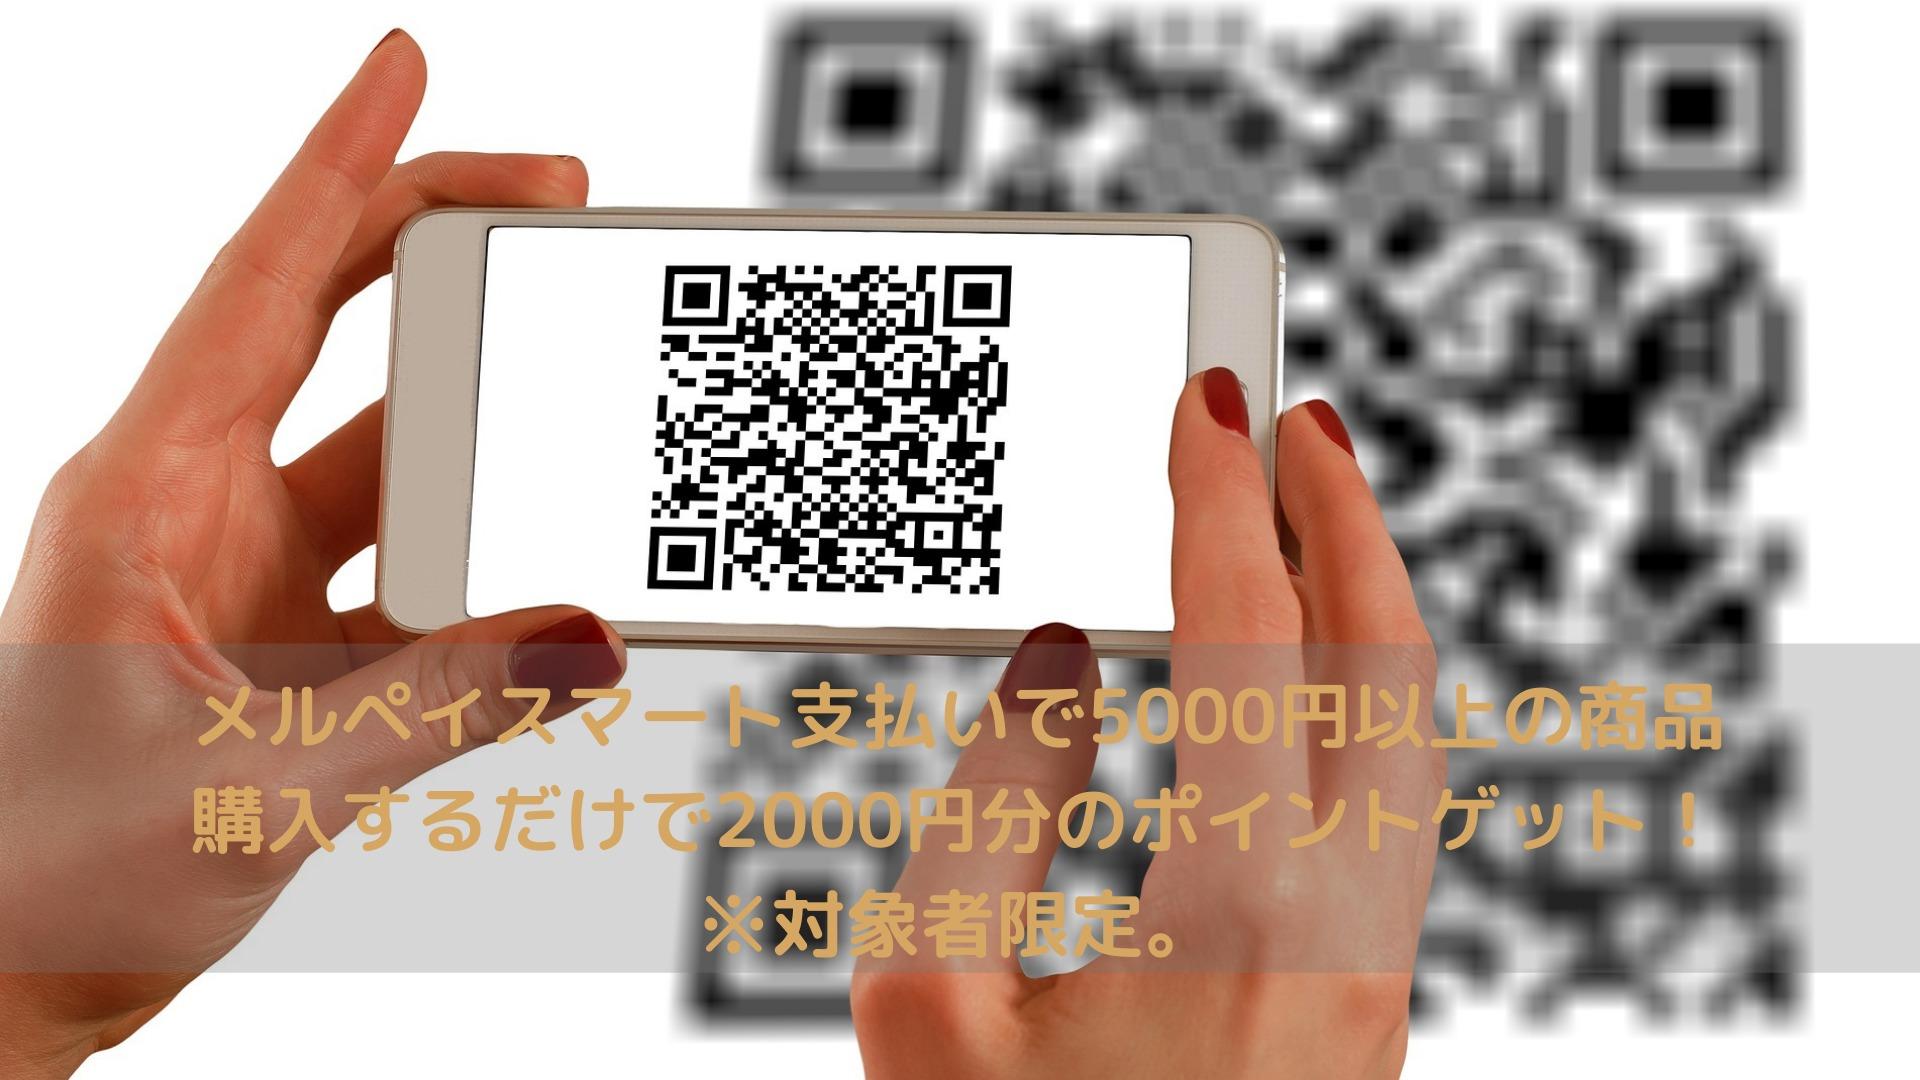 メルペイスマート支払いで5000円以上の商品購入するだけで2000円分のポイントゲット!※対象者限定。